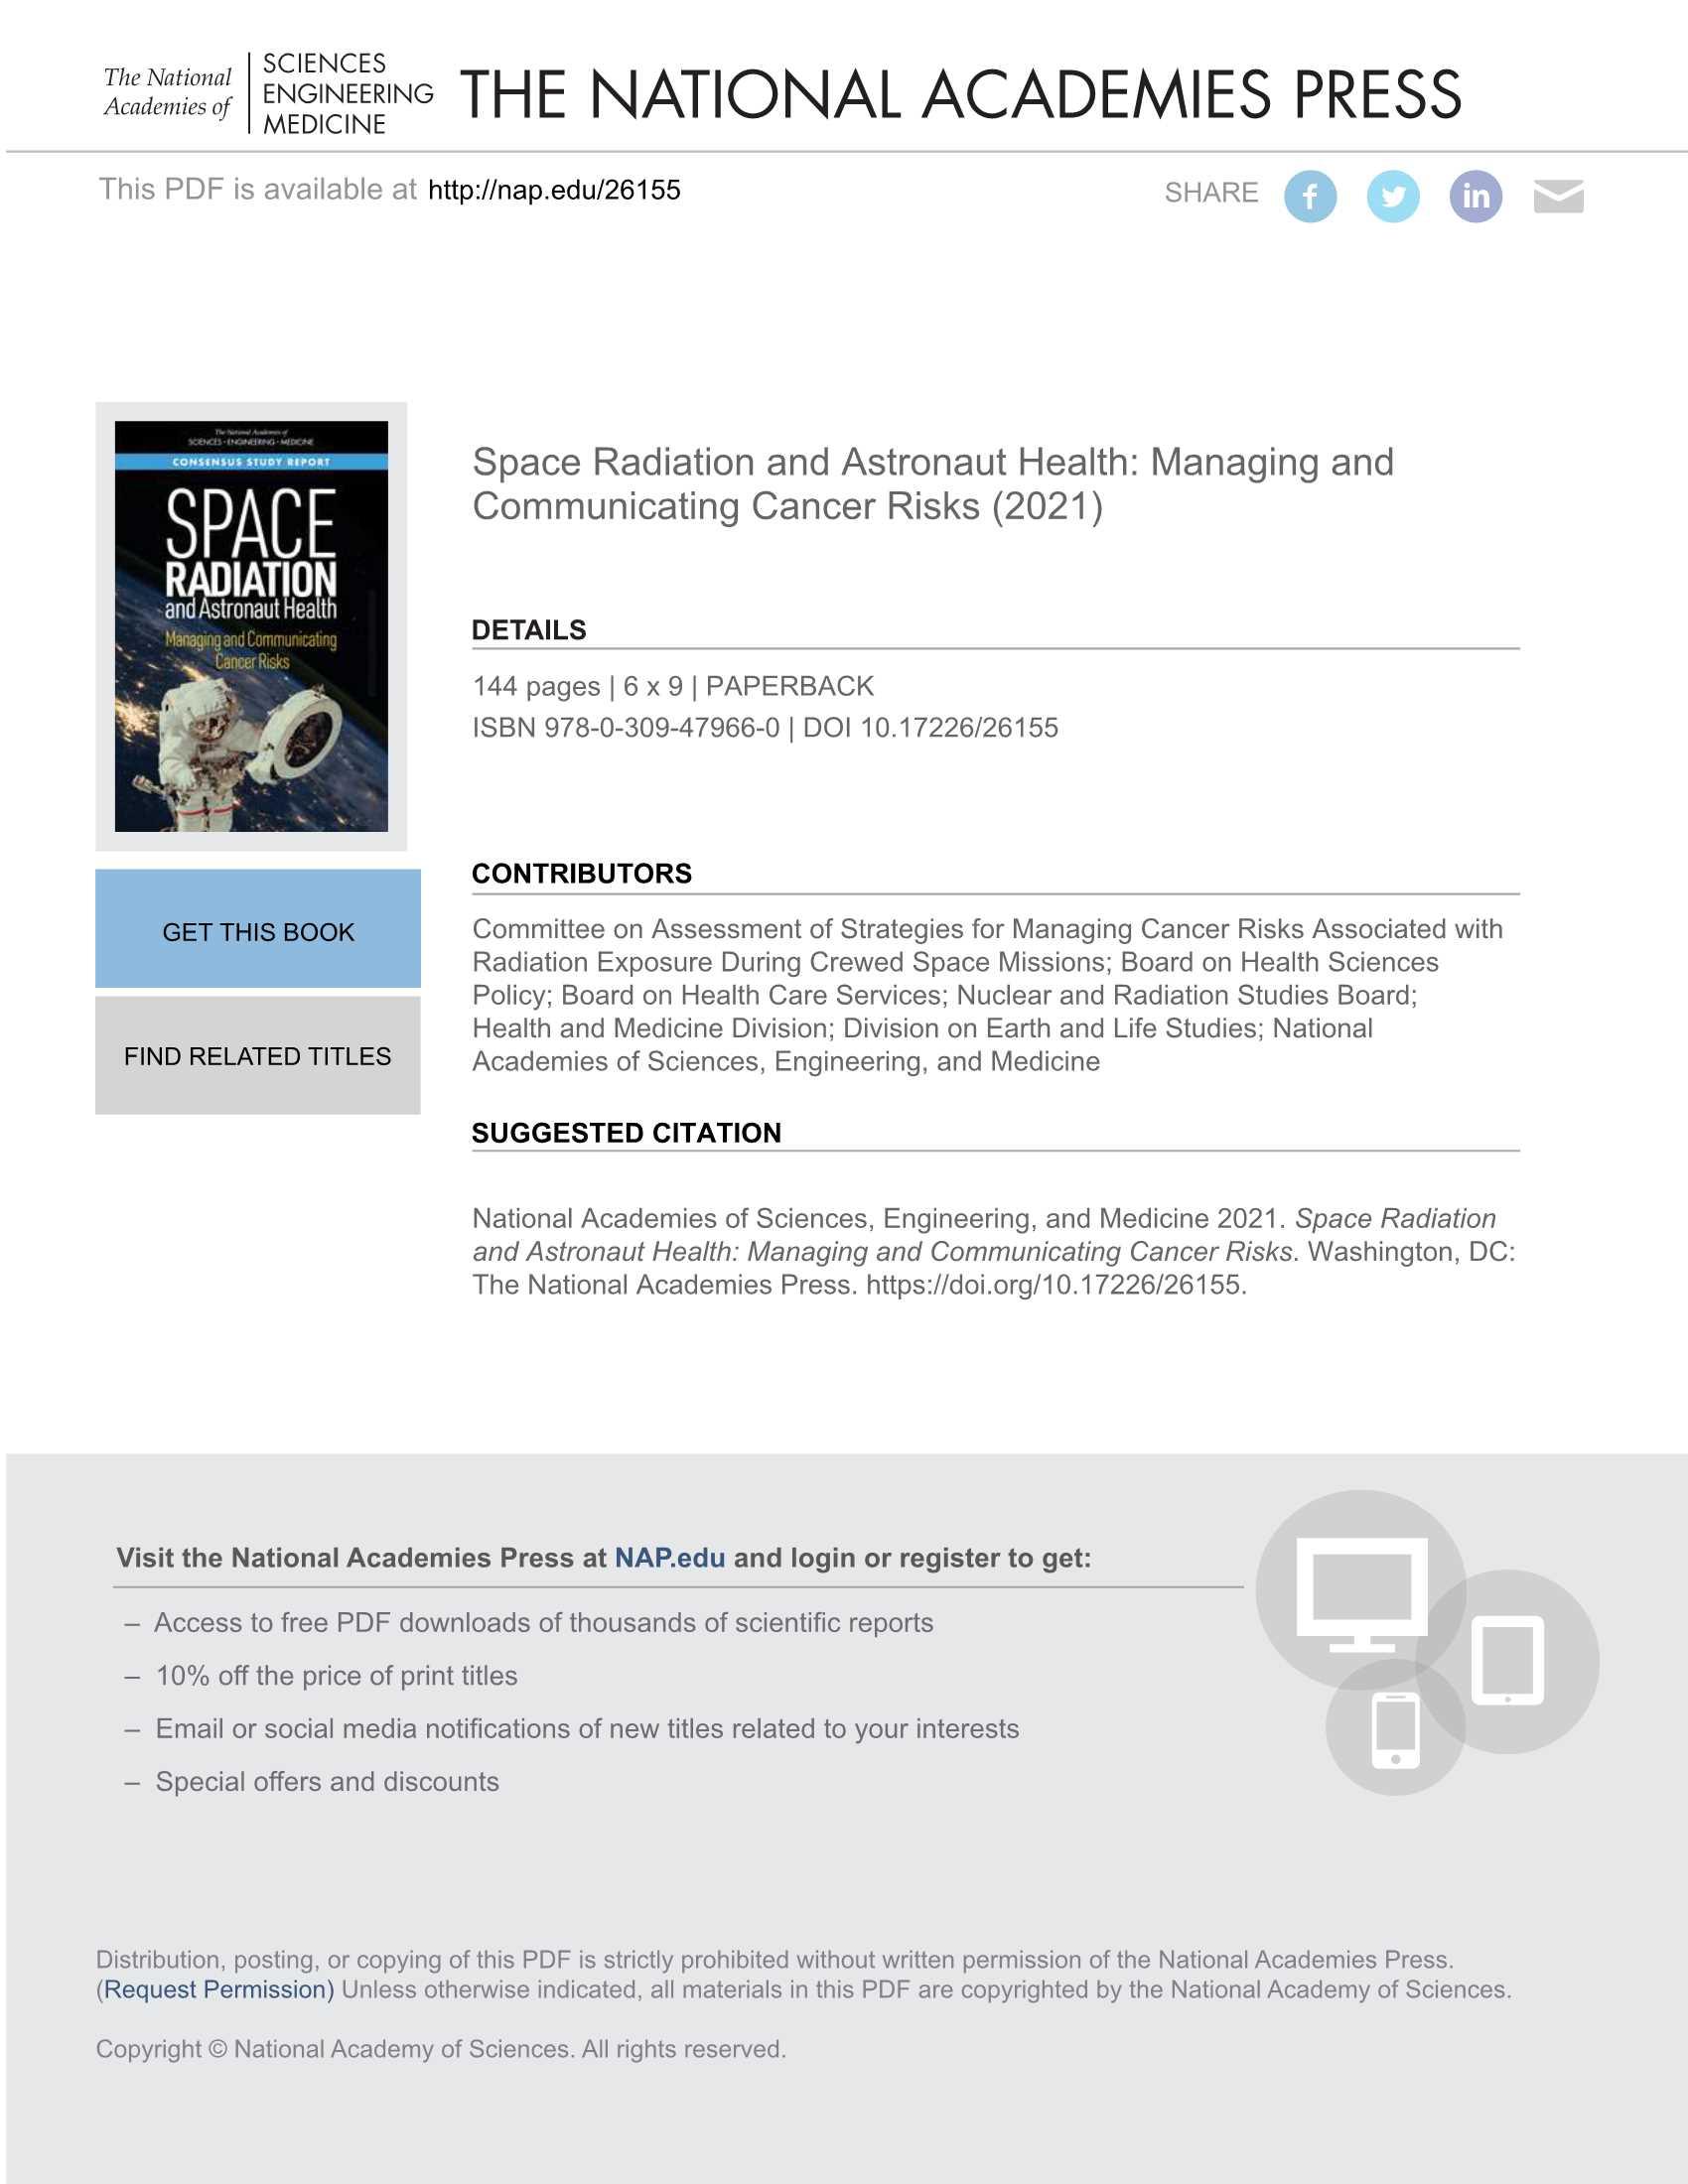 空间辐射与宇航员健康管理和交流癌症风险-2021.09-145页